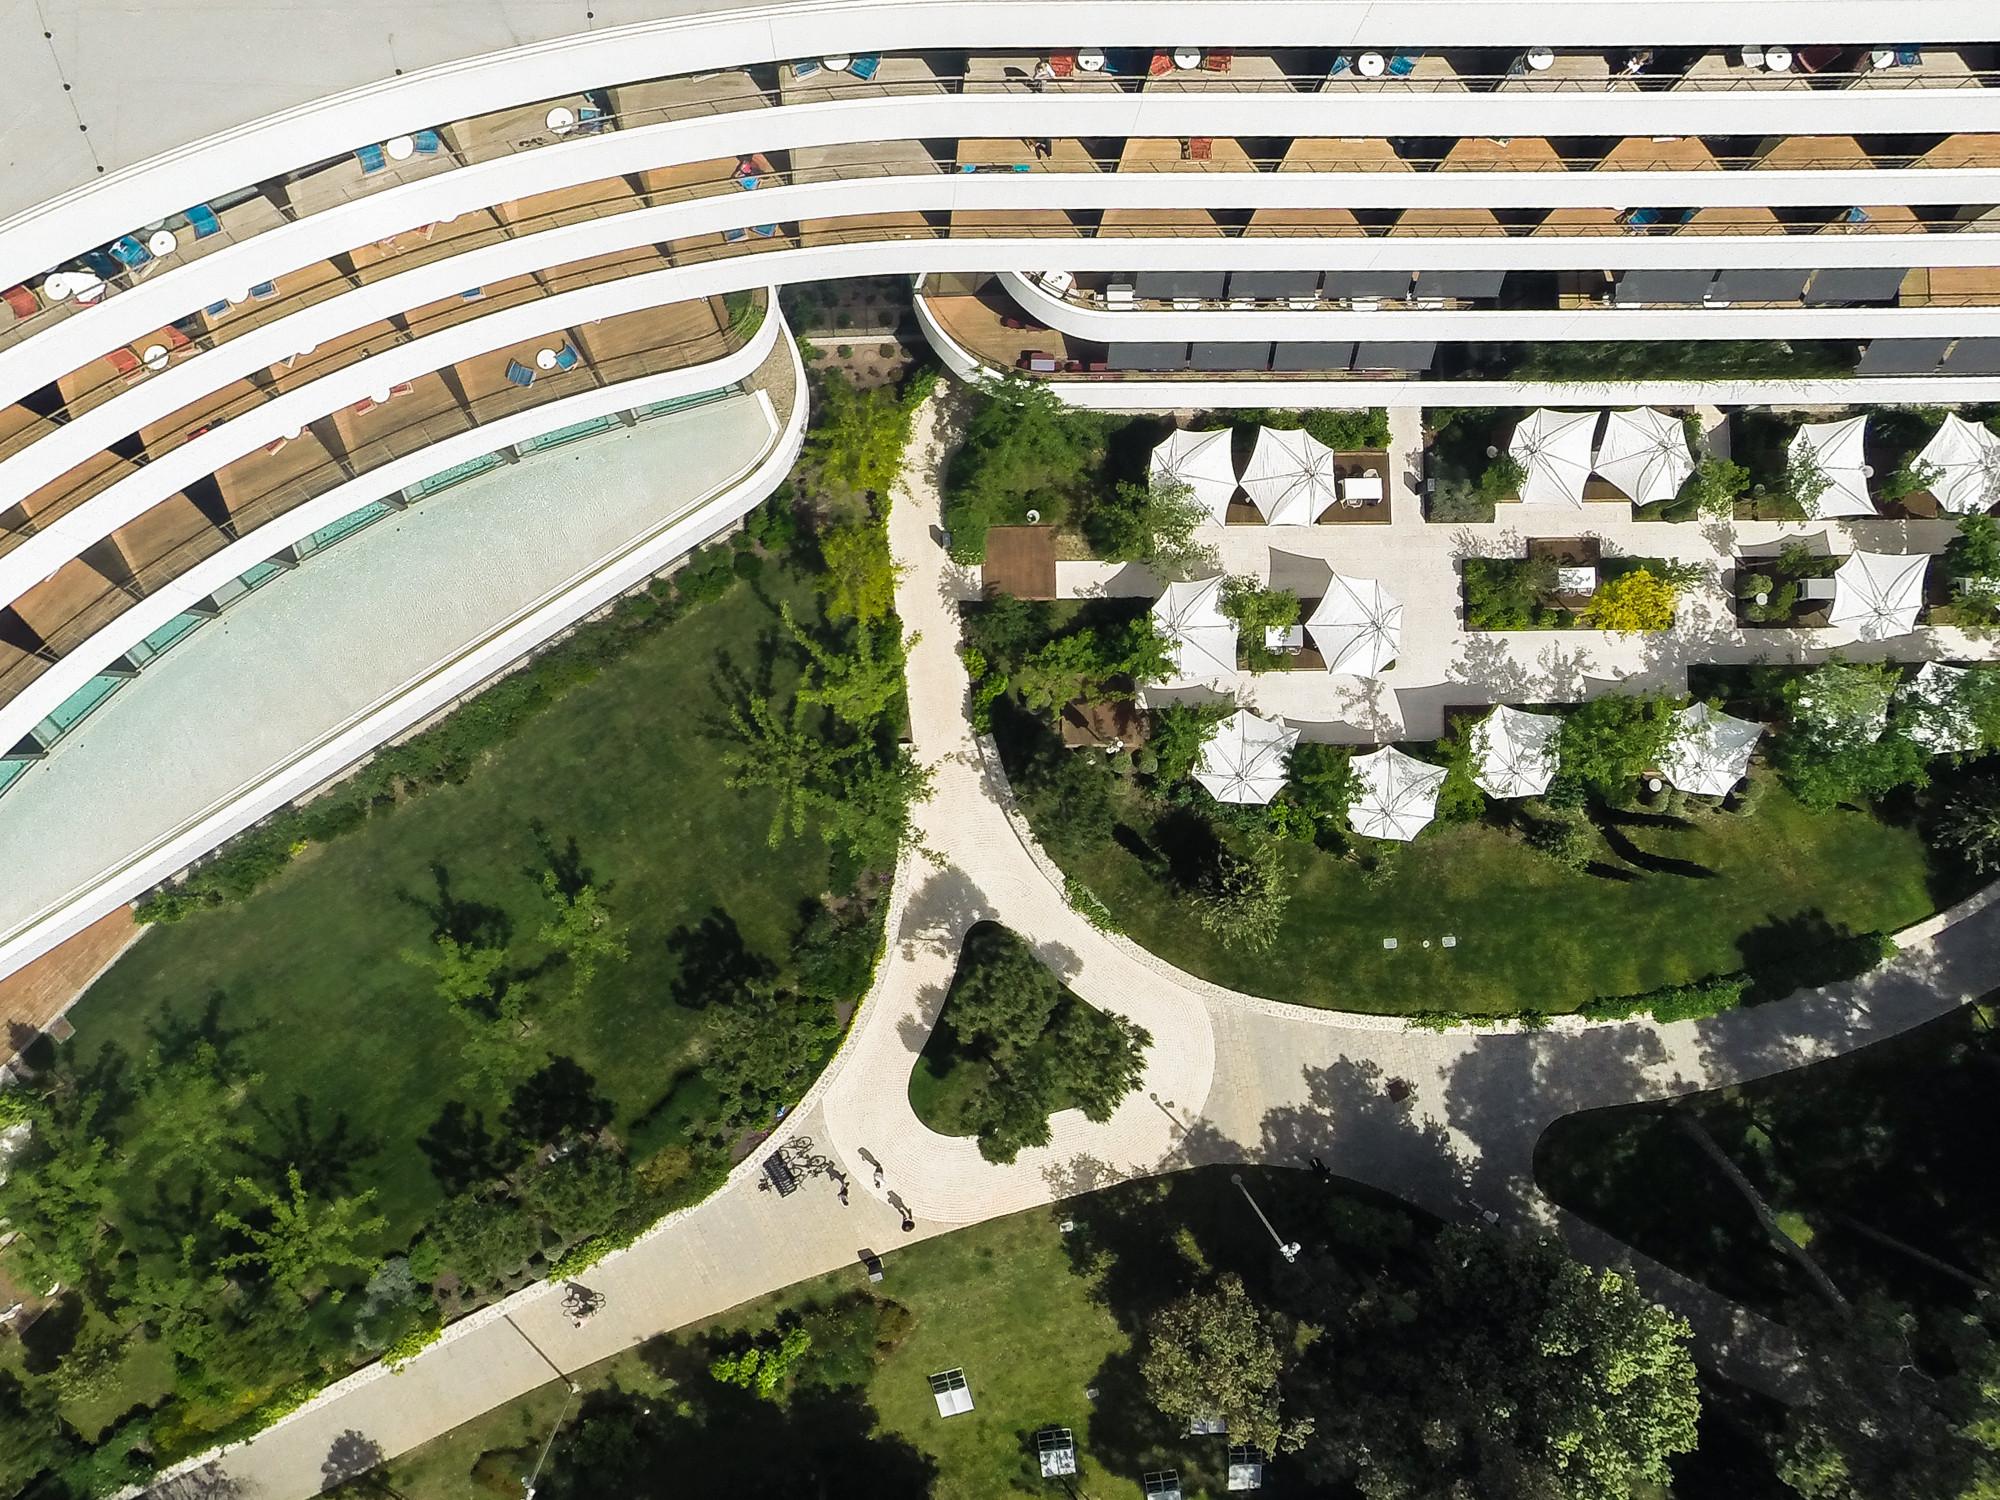 Hotel Lone, Croacia / 3LHD. Imágen © Joao Morgado